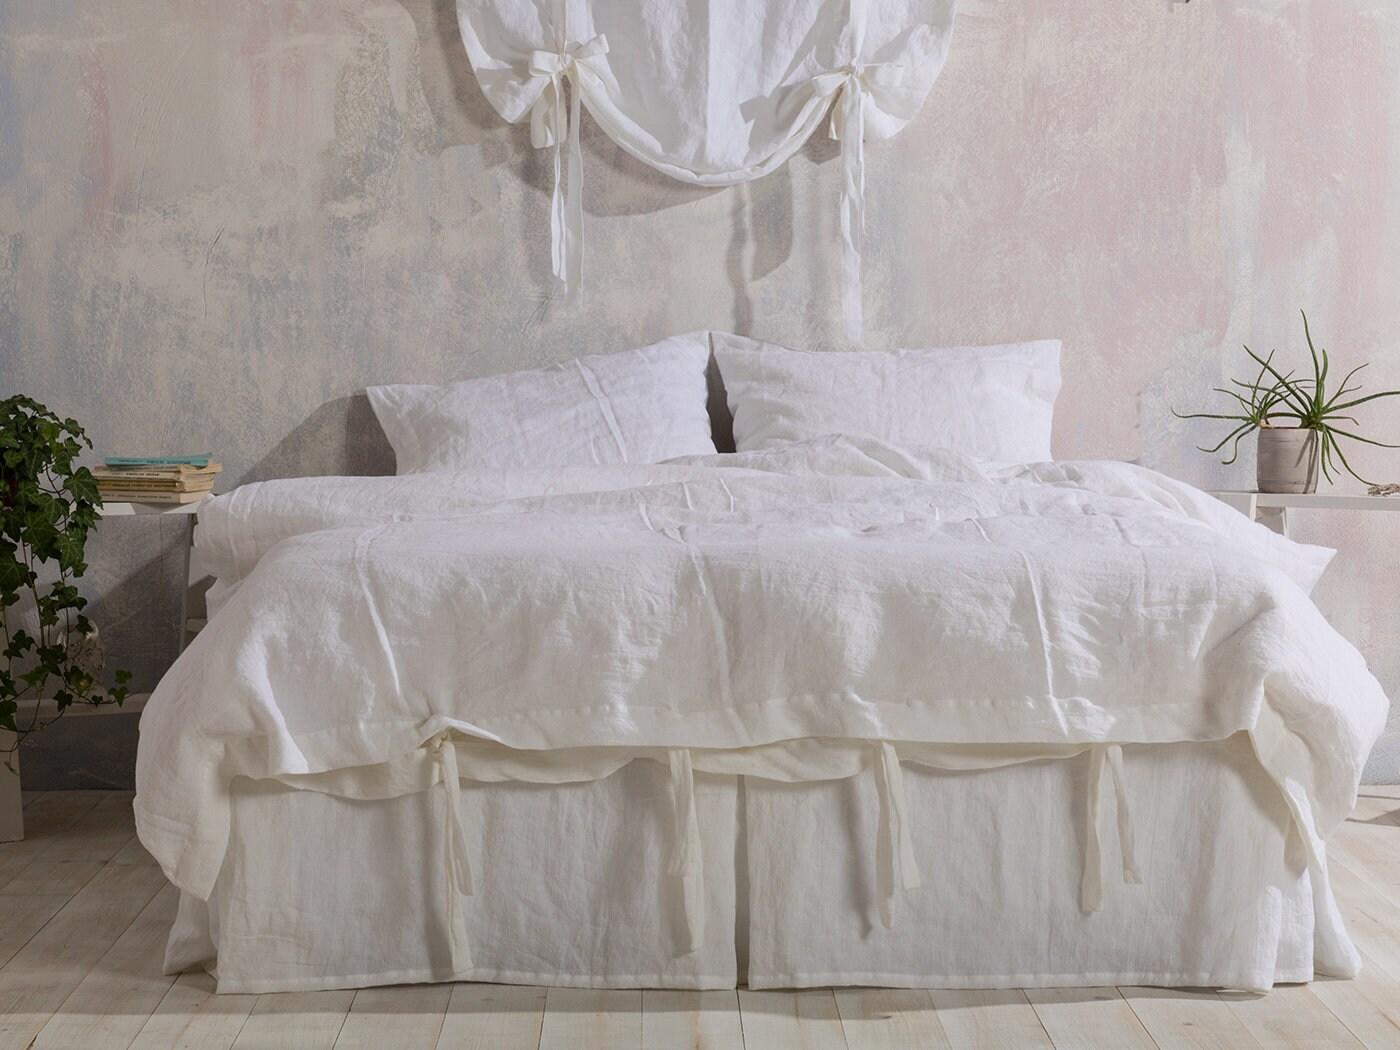 Linen Duvet Cover White Washed Linen Duvet Cover Linen Bedding Linen Duvet Cover Available In Any Size